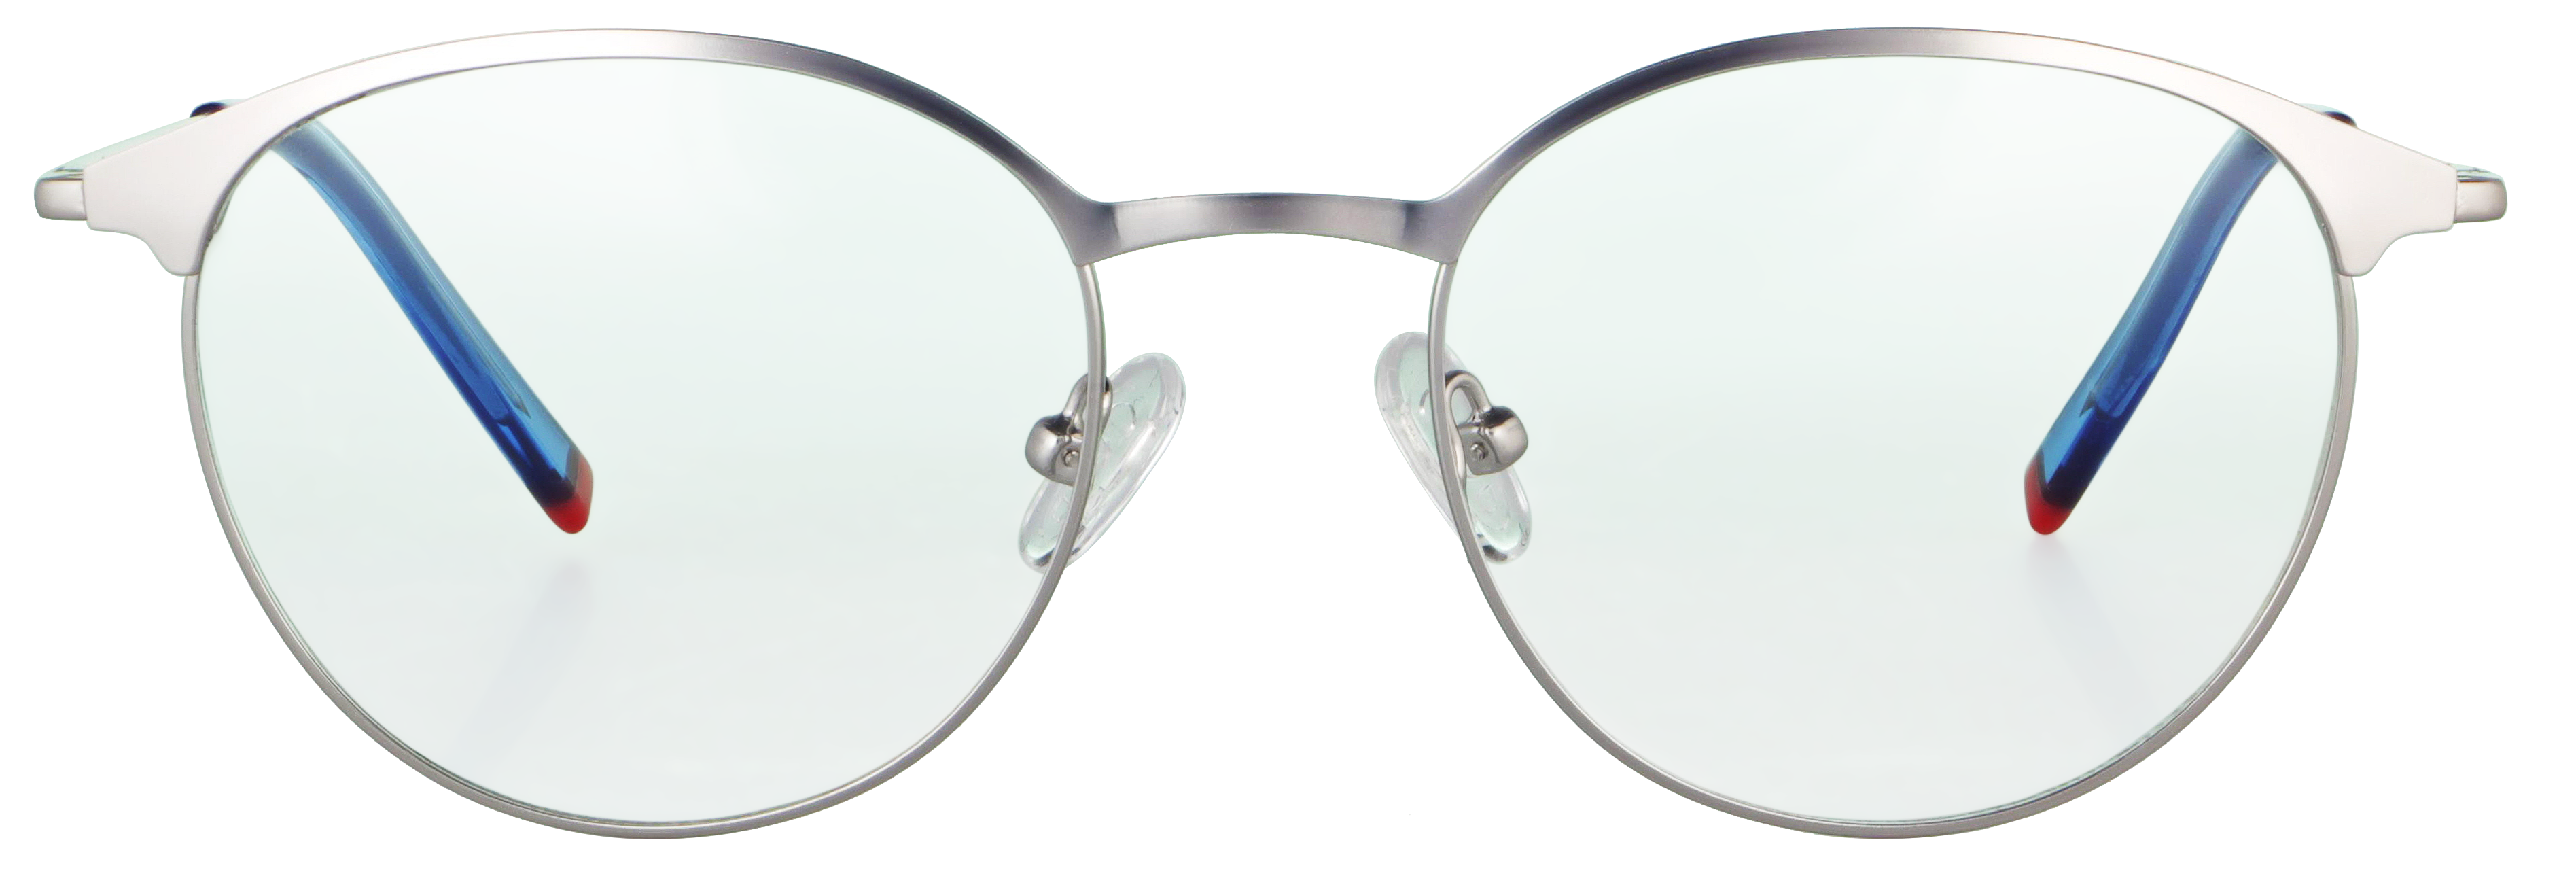 abele optik Brille 141691